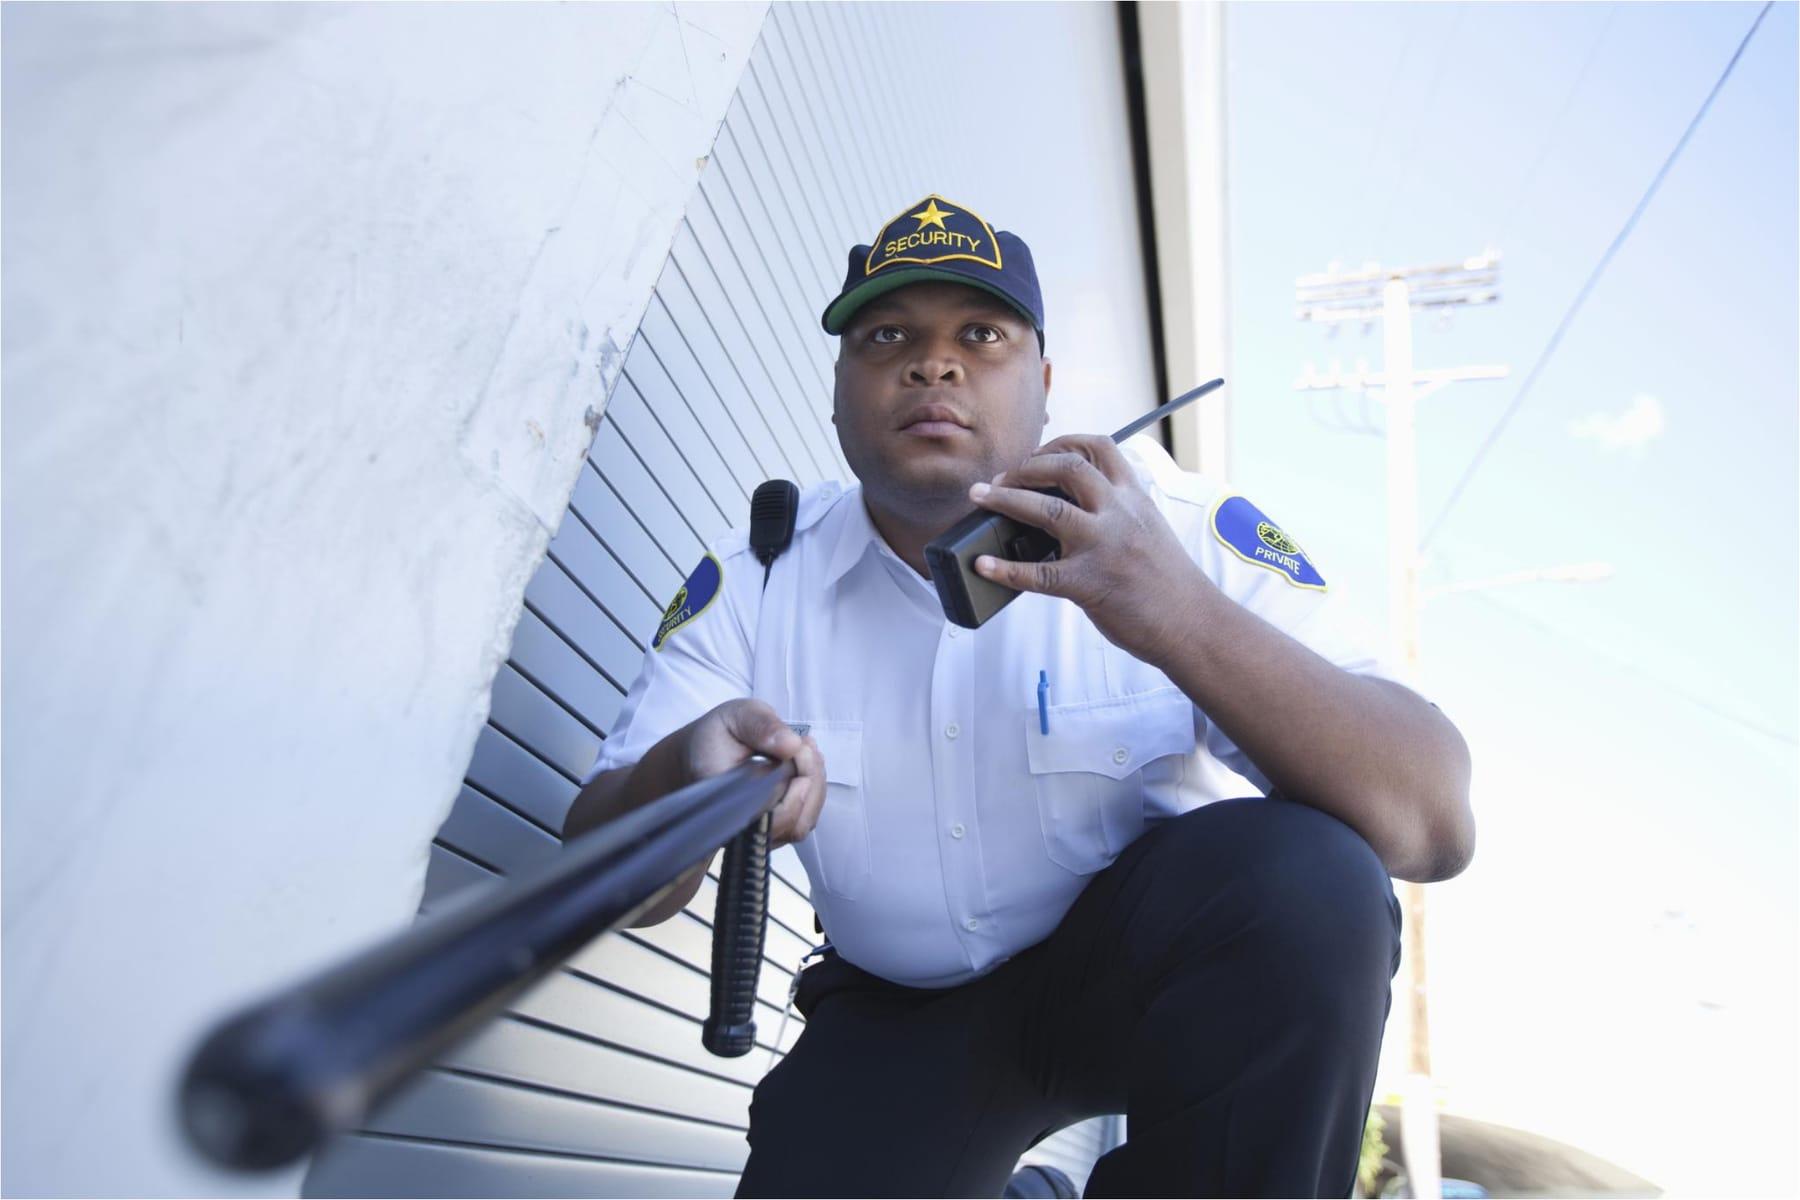 Security guard patrolling an area talking in a walkie talkie